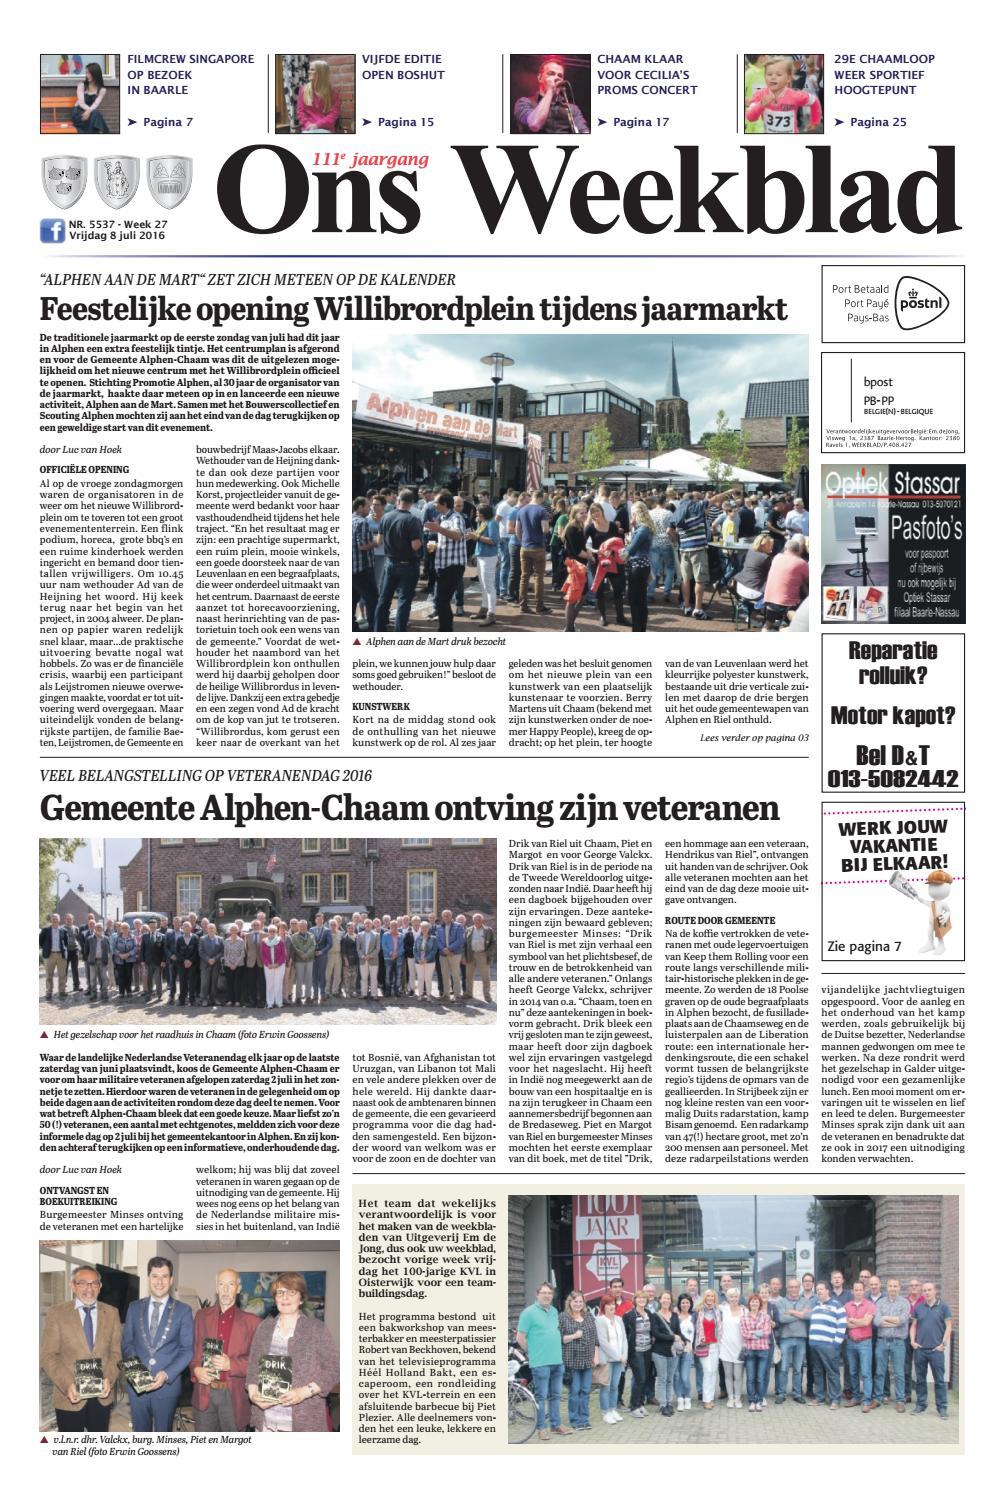 Ons weekblad 08 07 2016 by uitgeverij em de jong   issuu